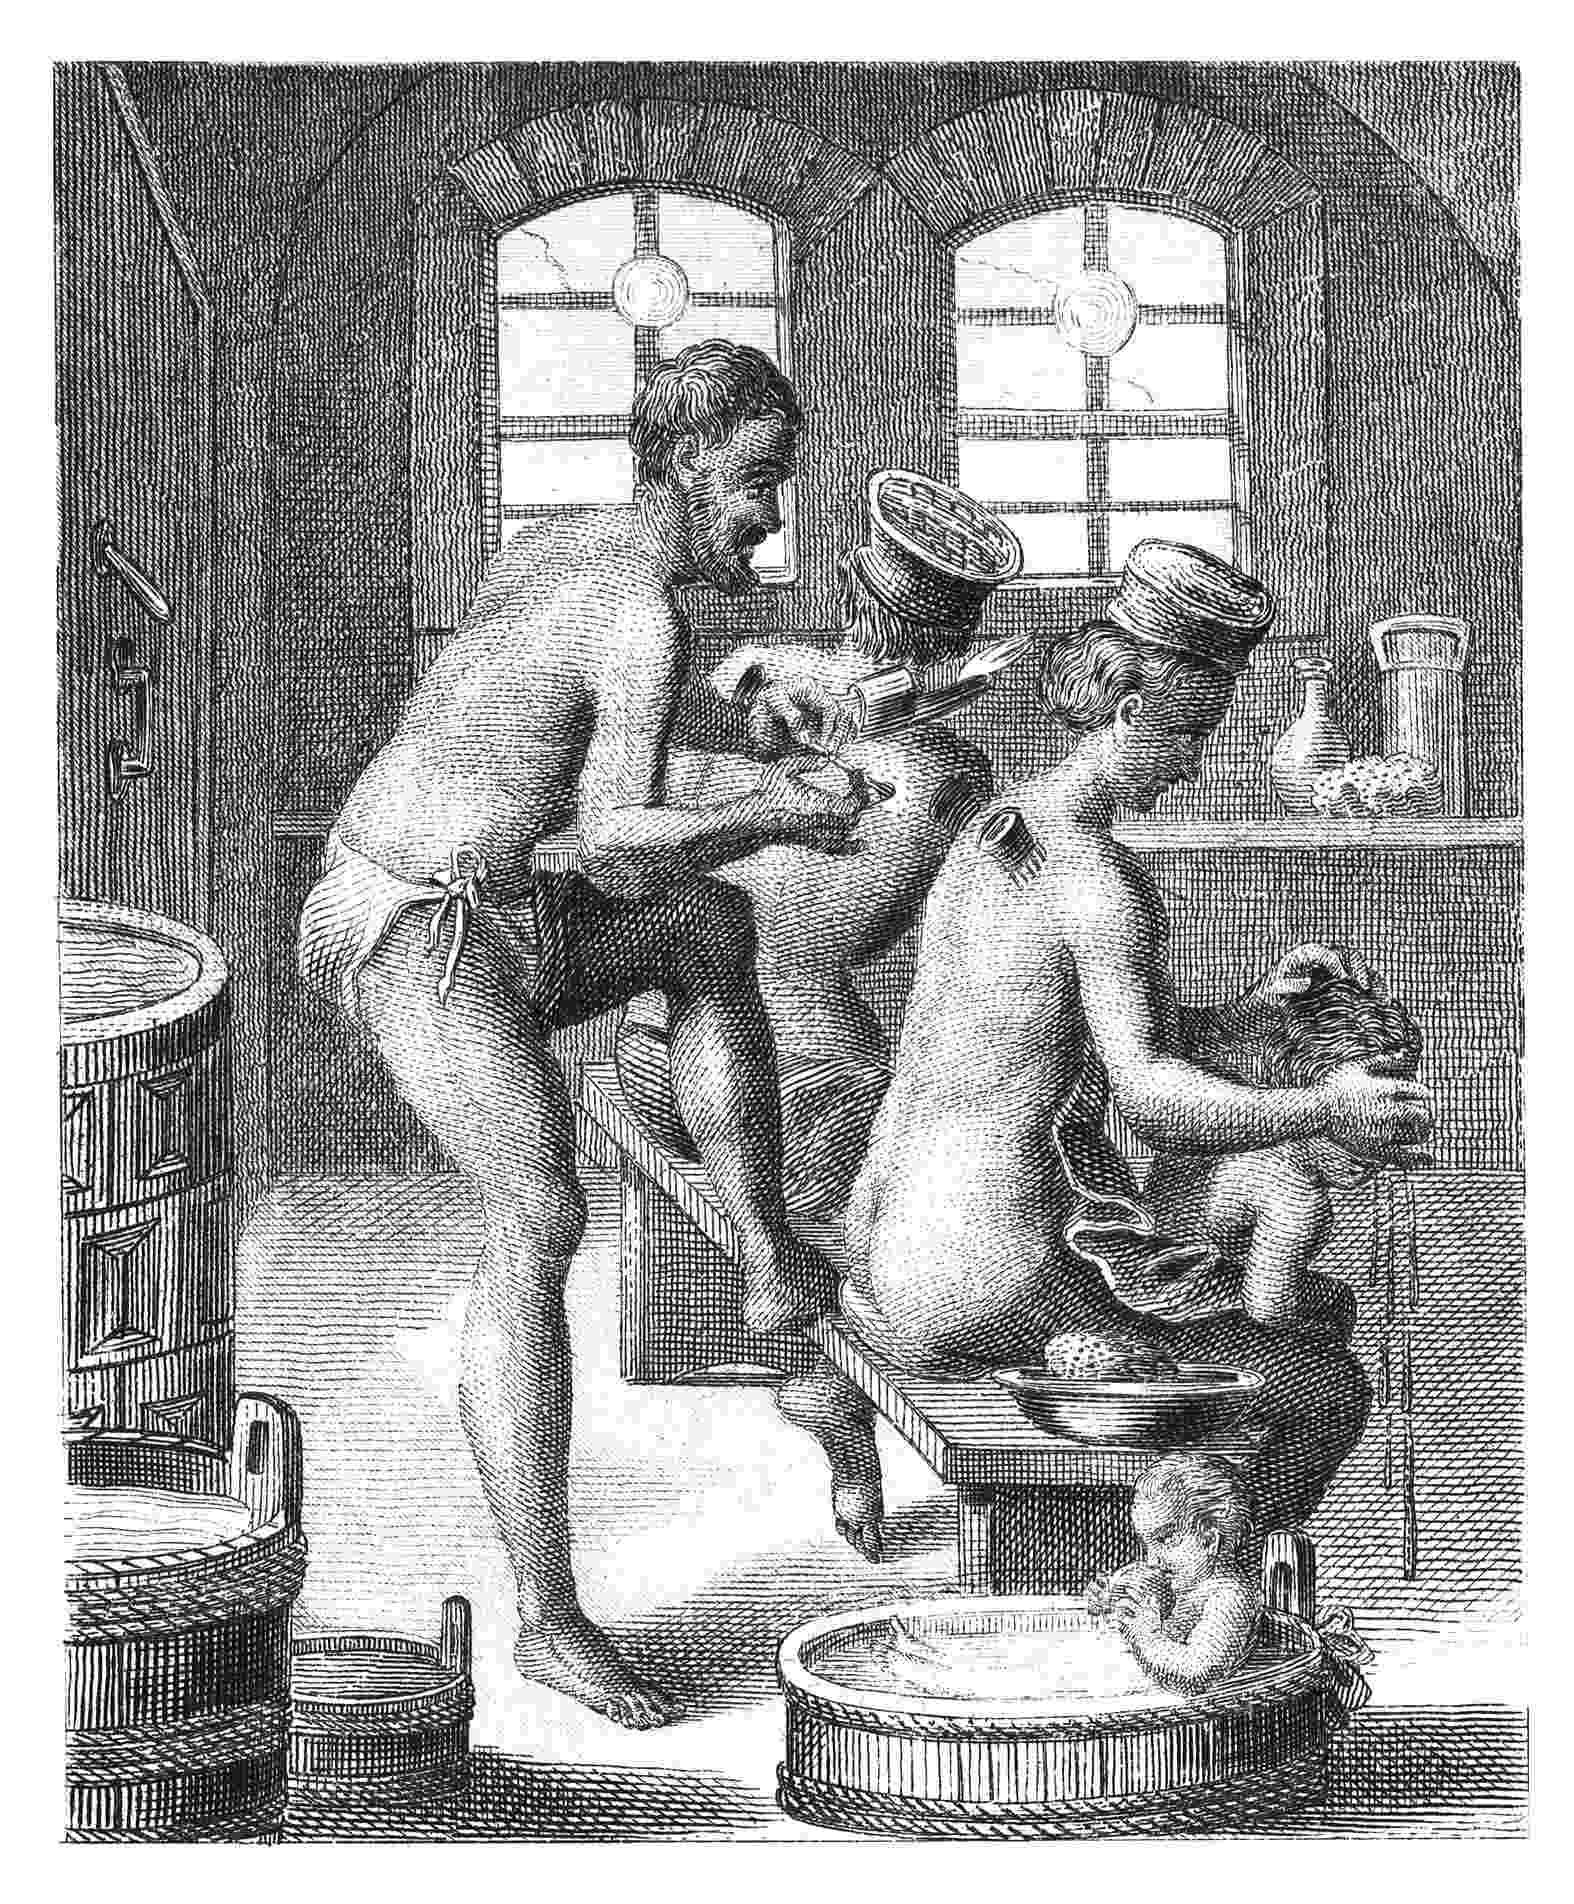 A ideia do banho coletivo como algo prazeroso entrou em declínio quando o cristianismo se expandiu. Na Europa da Idade Média tomar banho era um ato de luxúria. Por isso, a higiene pessoal era feita com panos úmidos, sempre em ambiente privado e raramente todos os dias. Nas casas mais abastadas havia banhos de tina, mas era comum que a família inteira se limpasse com a mesma água - Getty Images